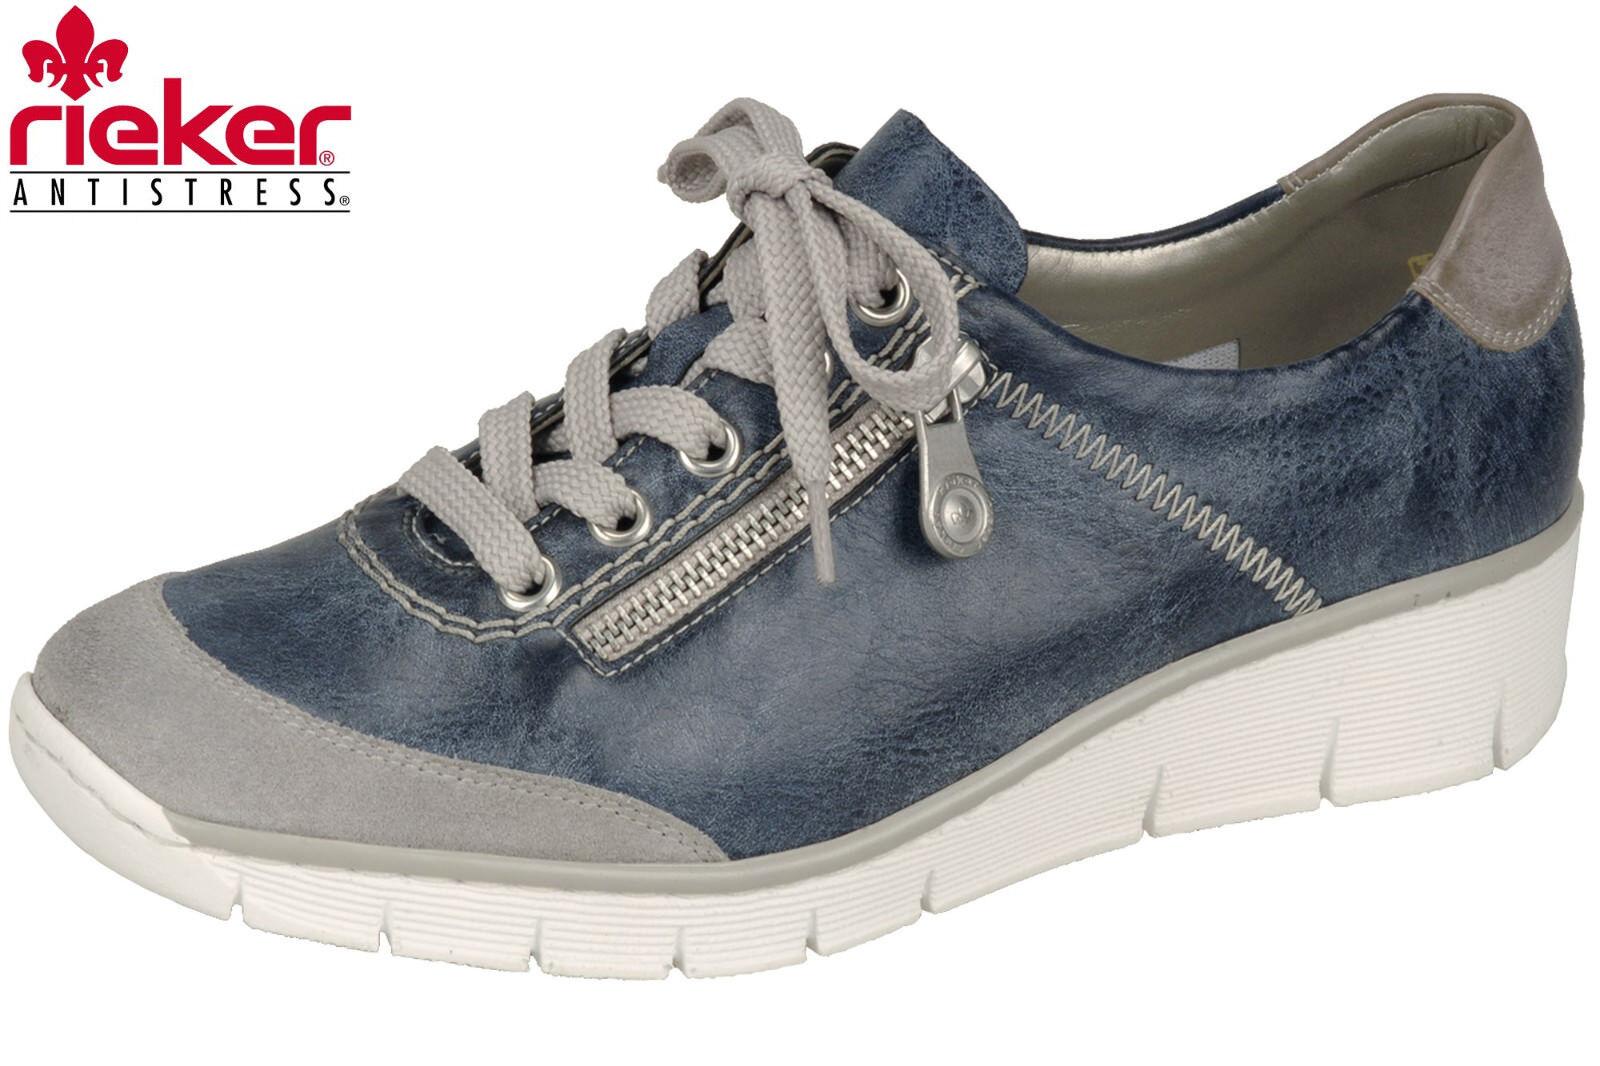 Rieker Damen Sneaker Blau Grau Leder Optik Sommer Schuhe 53721-41 NEU